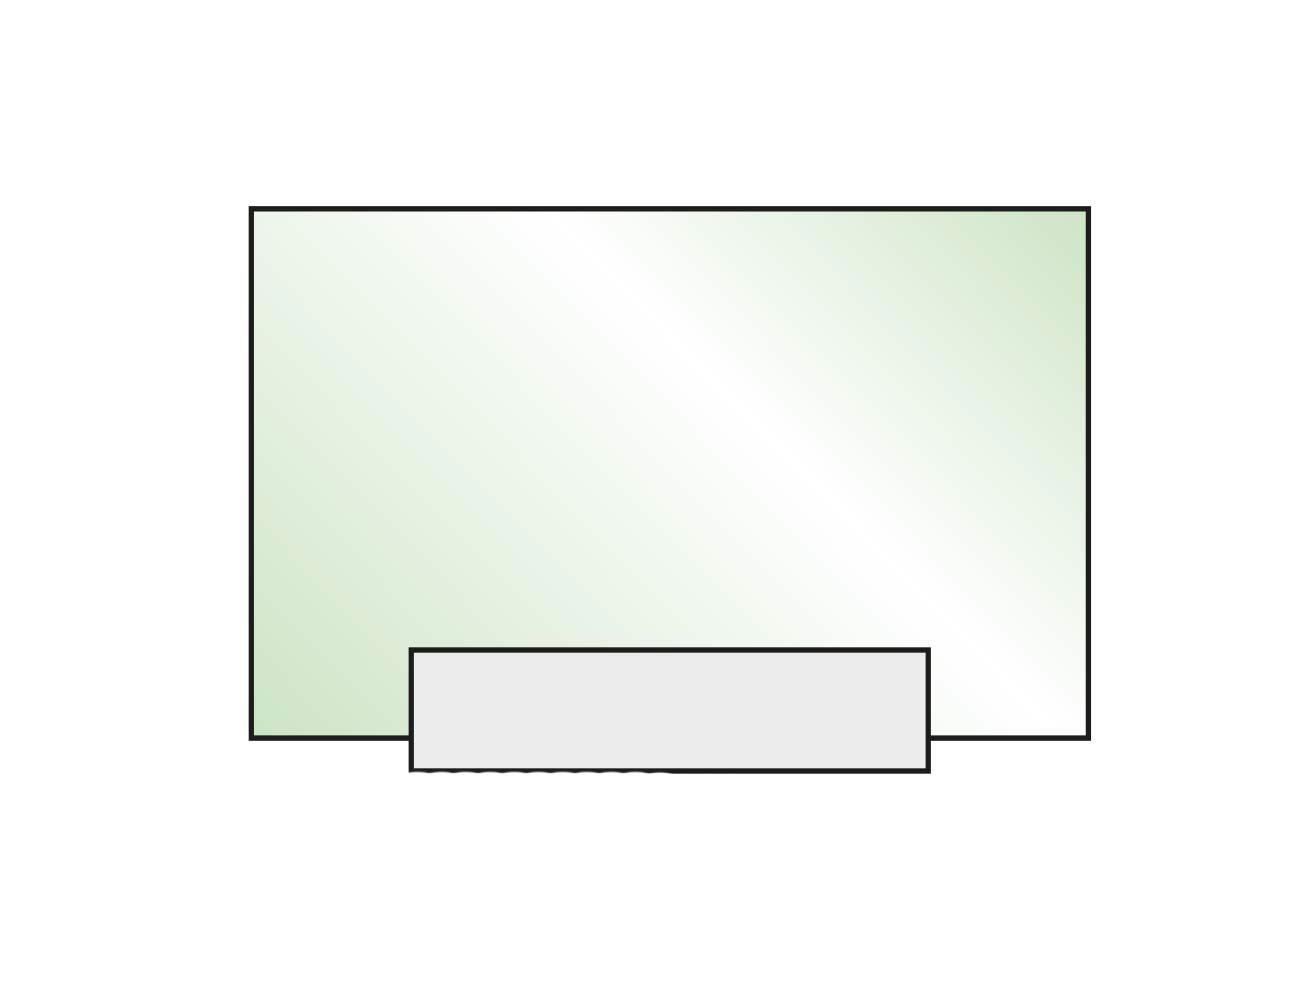 Tischaufsteller Kristallino.kurz Frontansicht